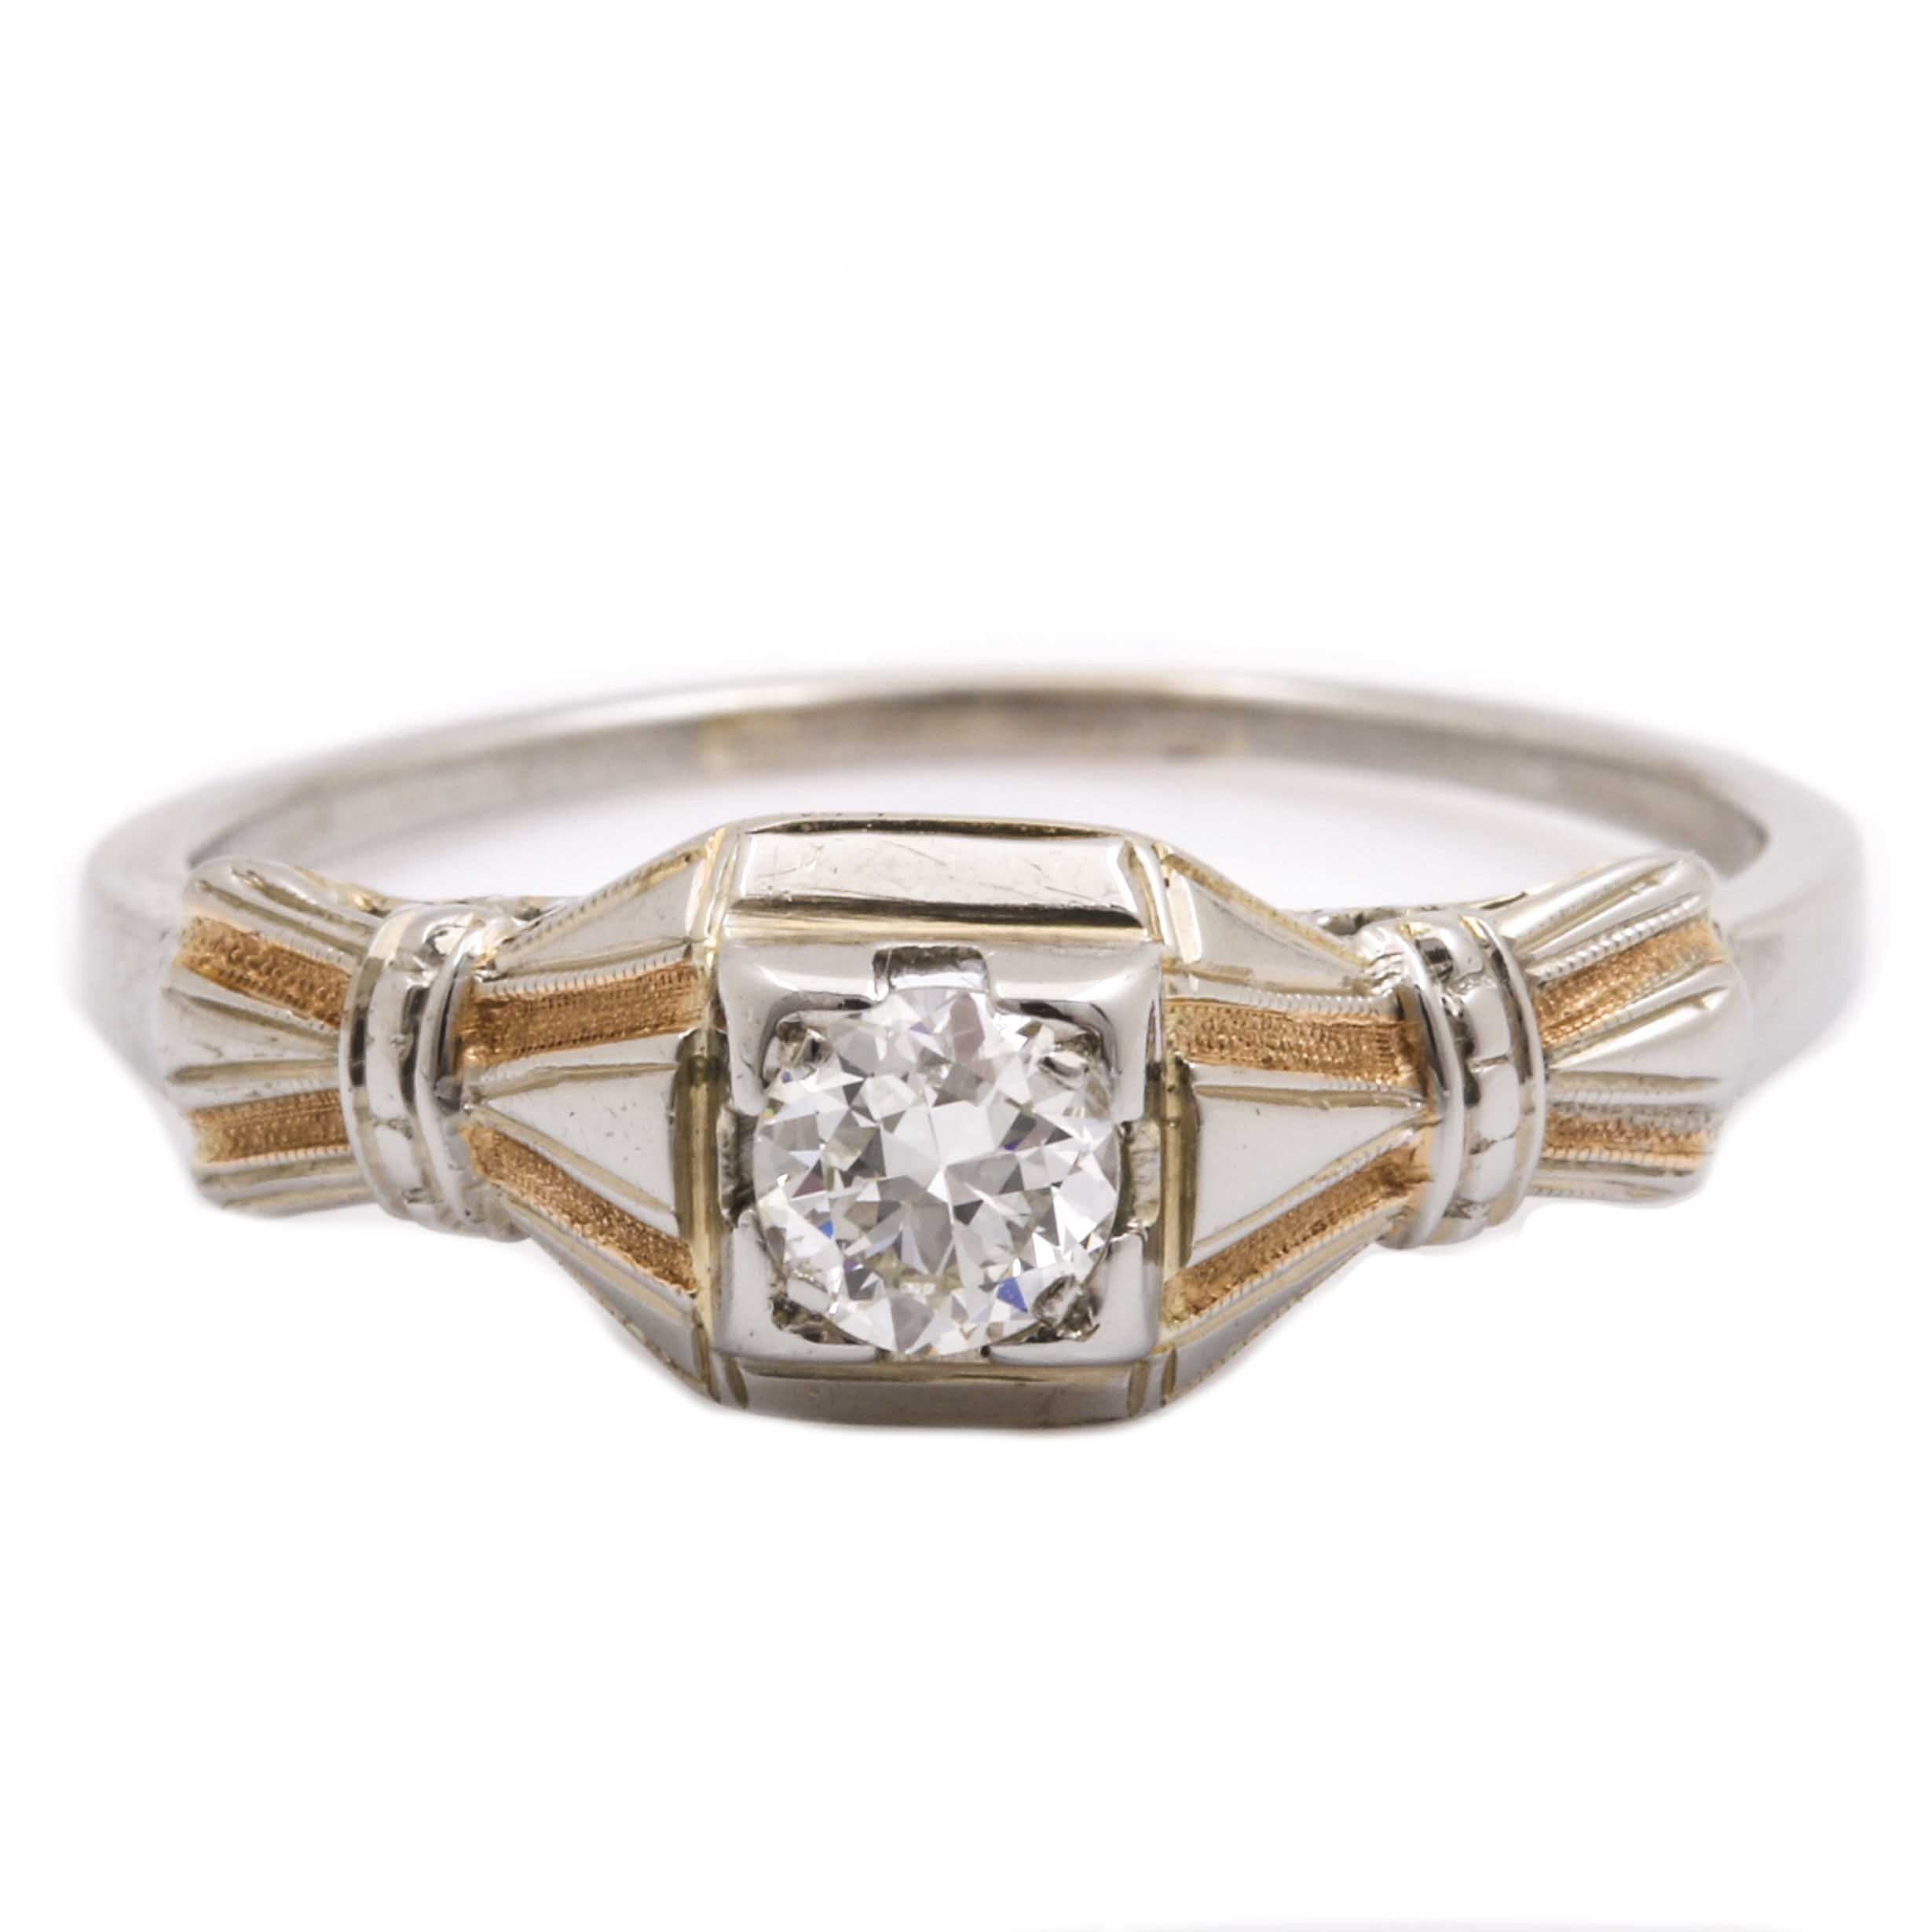 18K White Gold 0.23 CT Vintage Diamond Ring